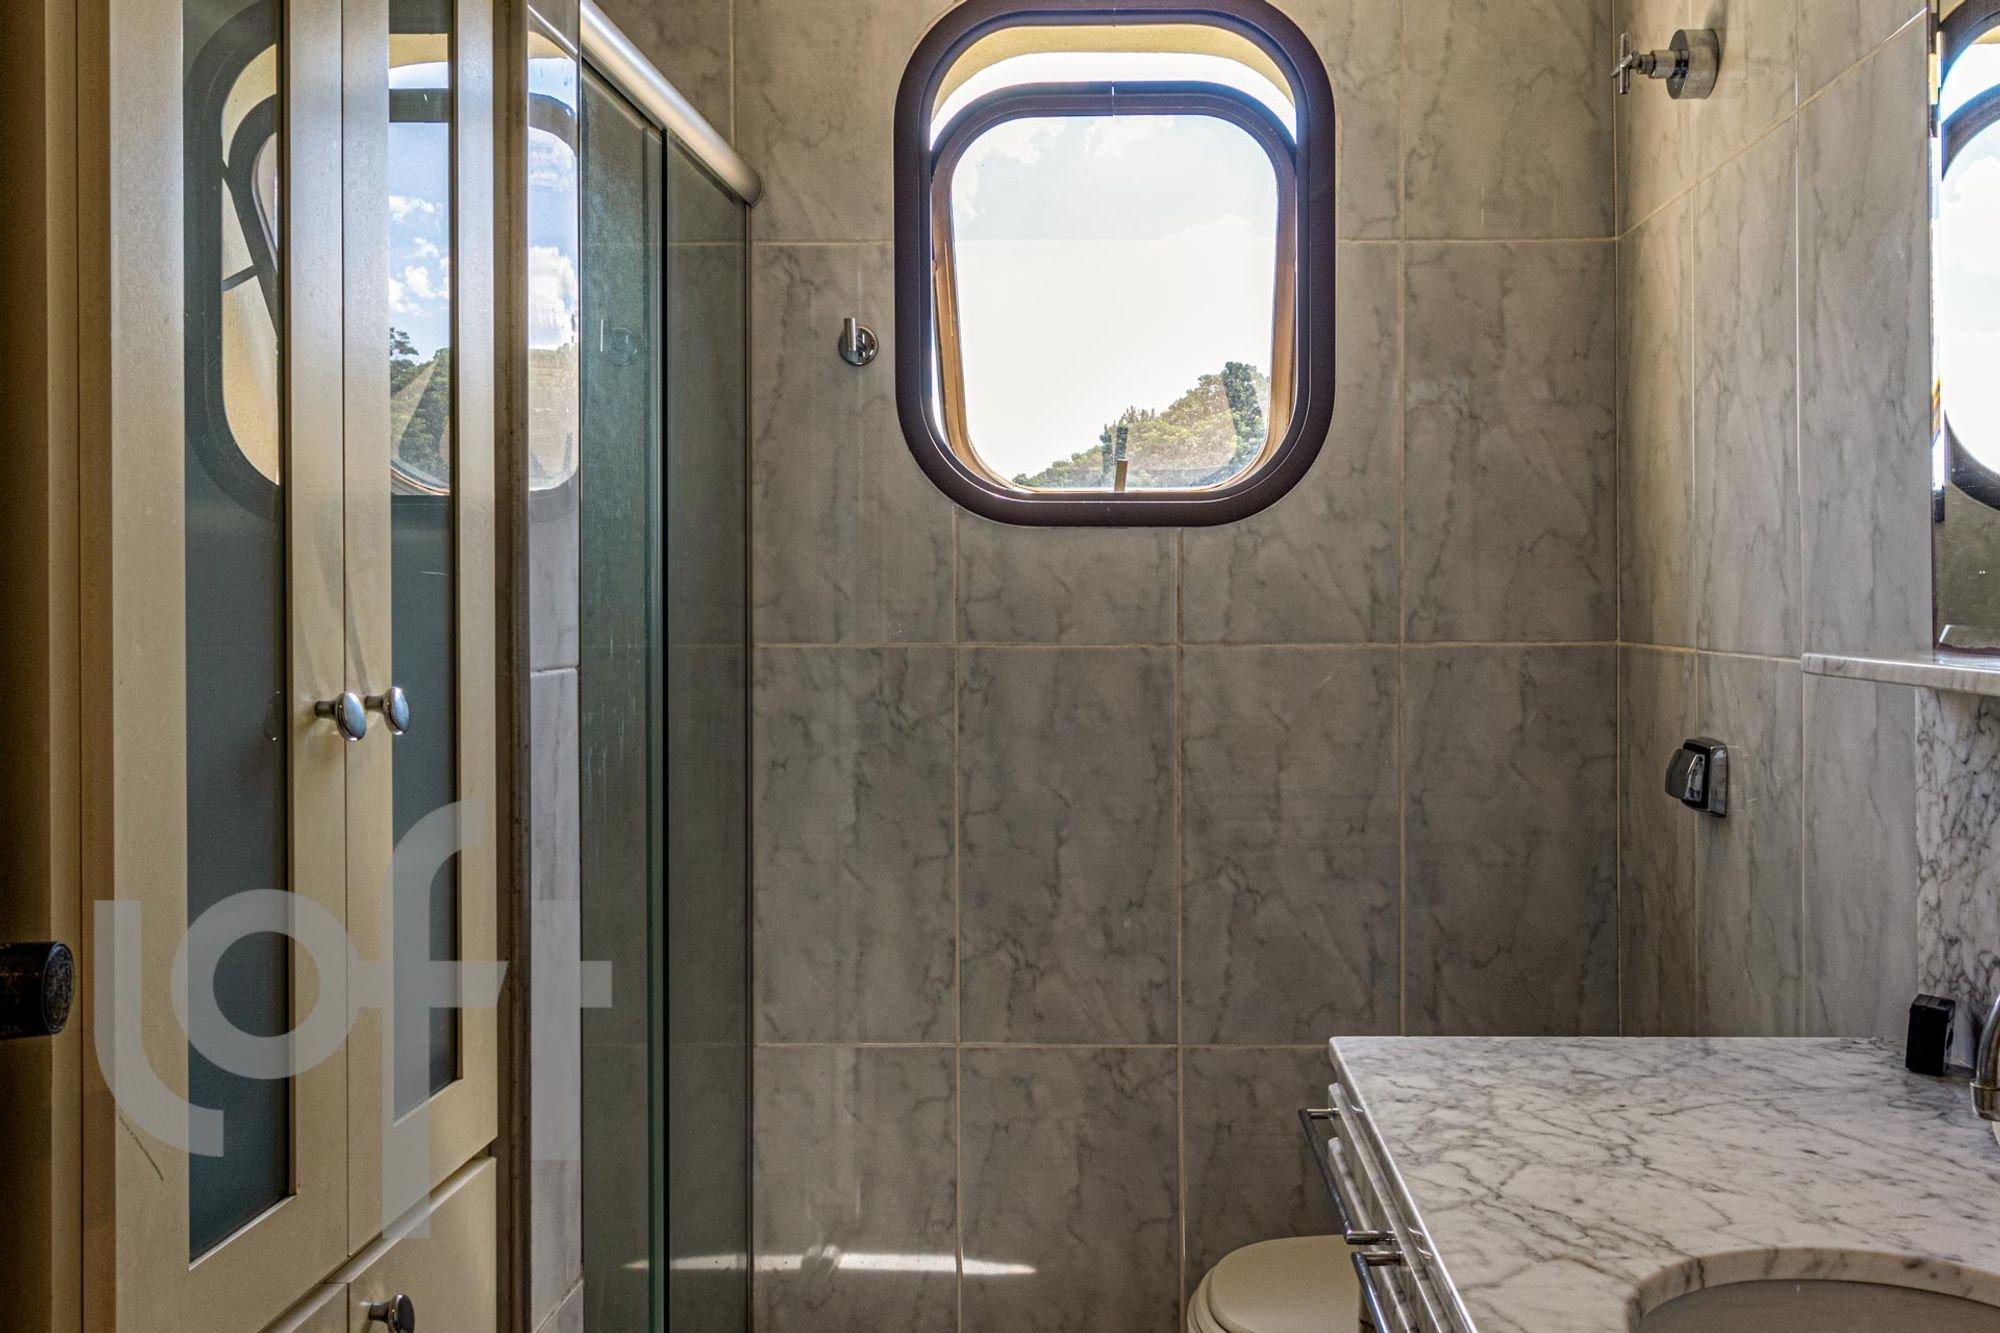 Foto de Banheiro com trem